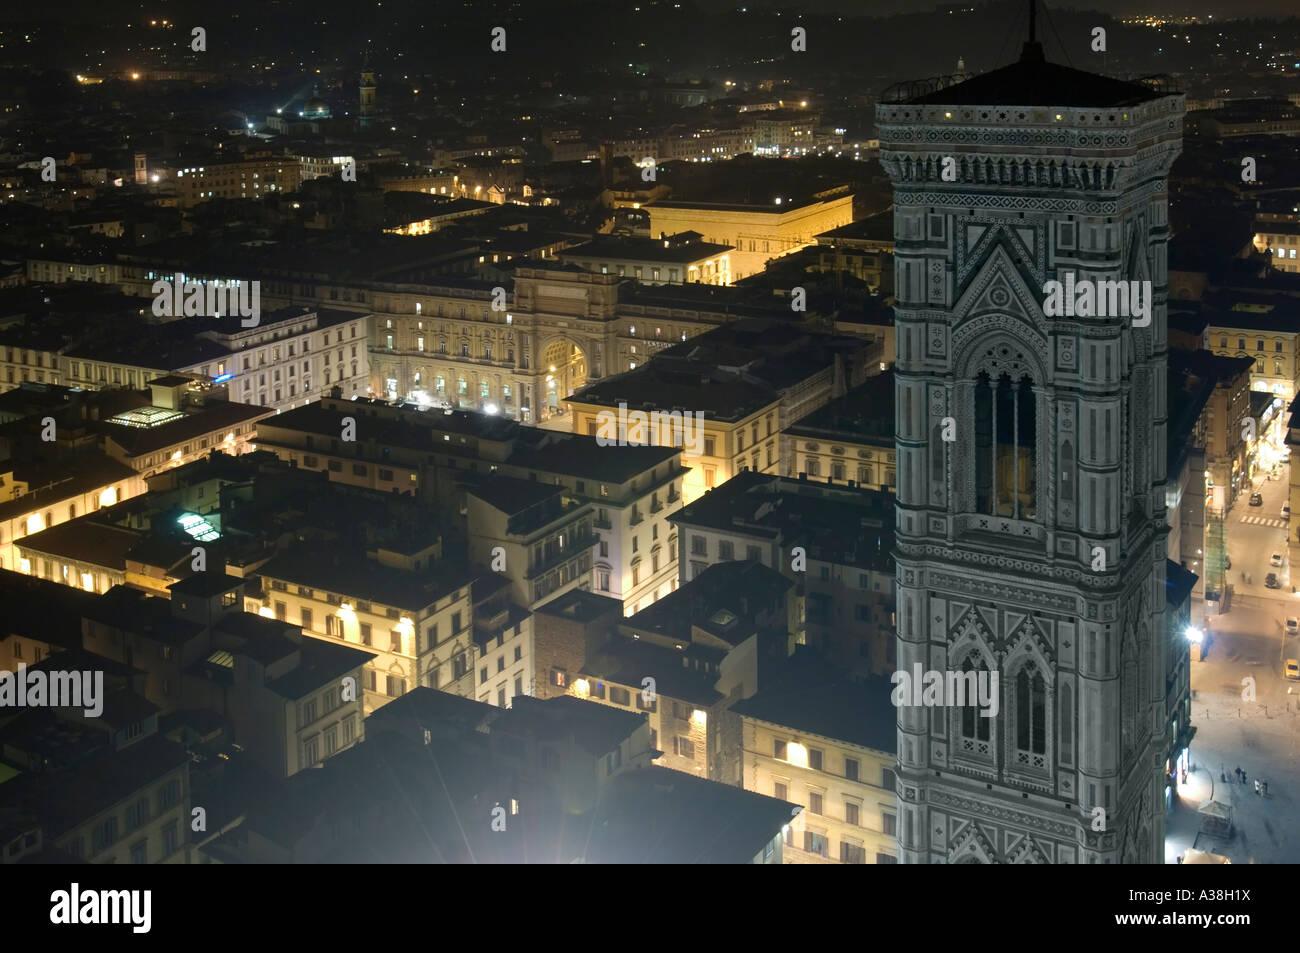 Una vista su Firenze di notte dal Duomo pubblica della piattaforma di visualizzazione che mostra il campanile di Giotto sulla destra. Foto Stock